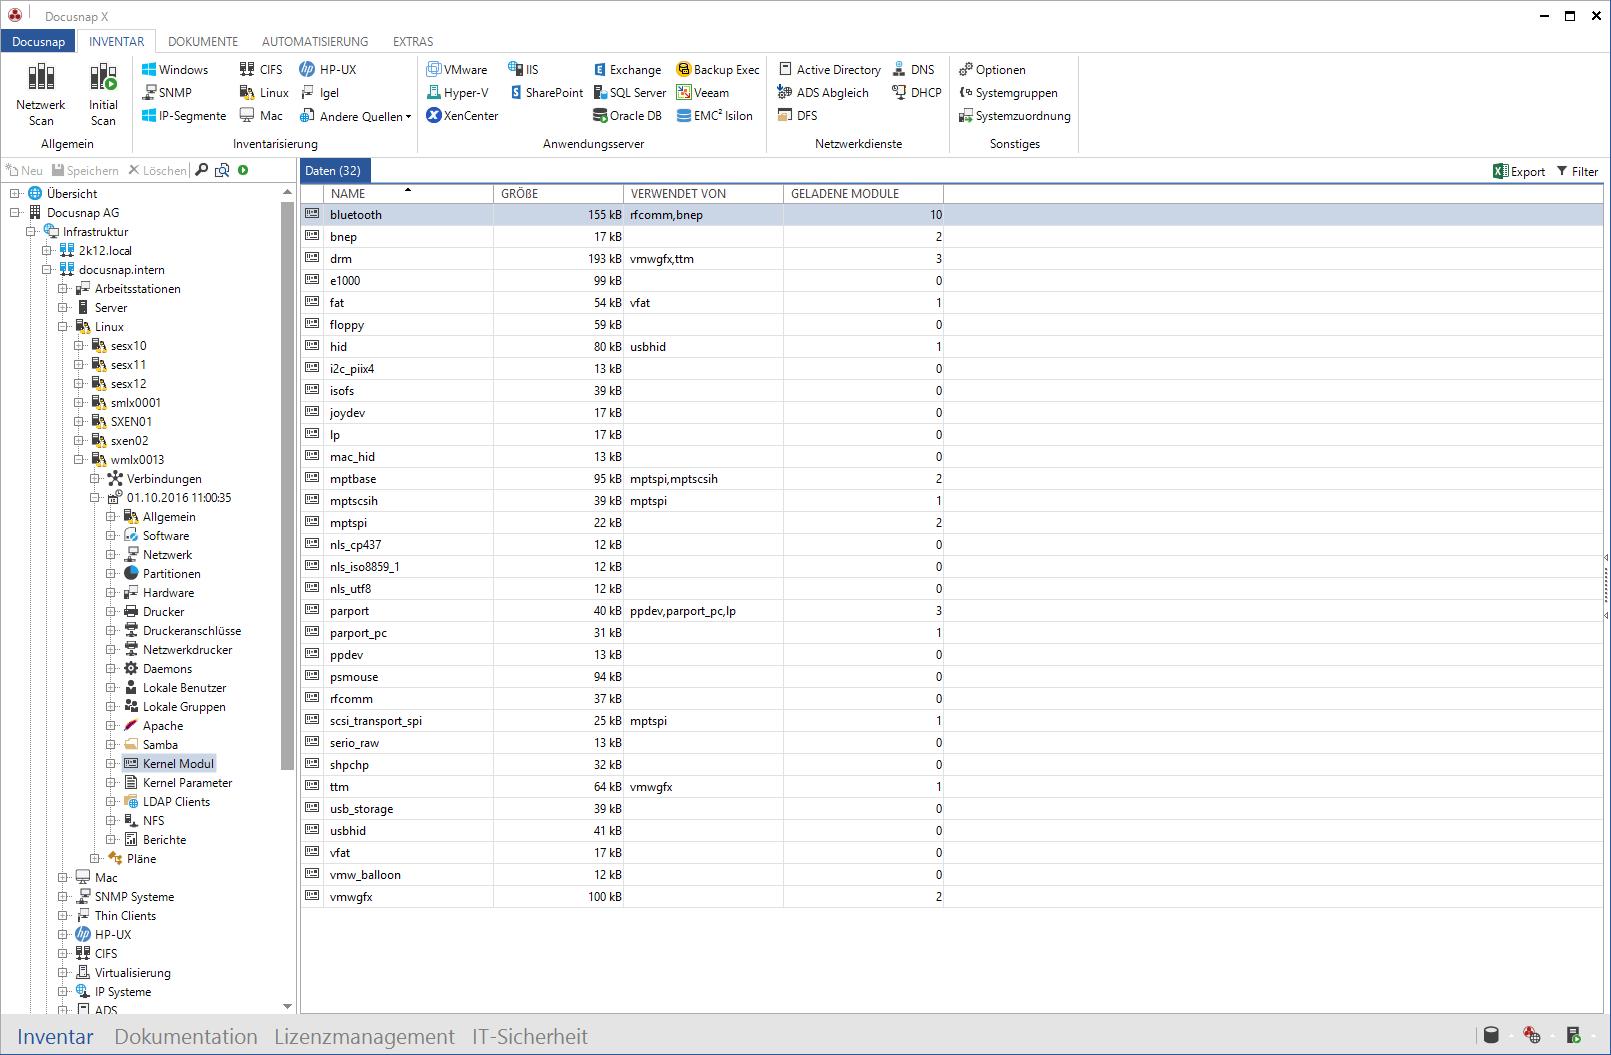 Linux Hardware Inventarisierung und Systeminformationen in Docusnap